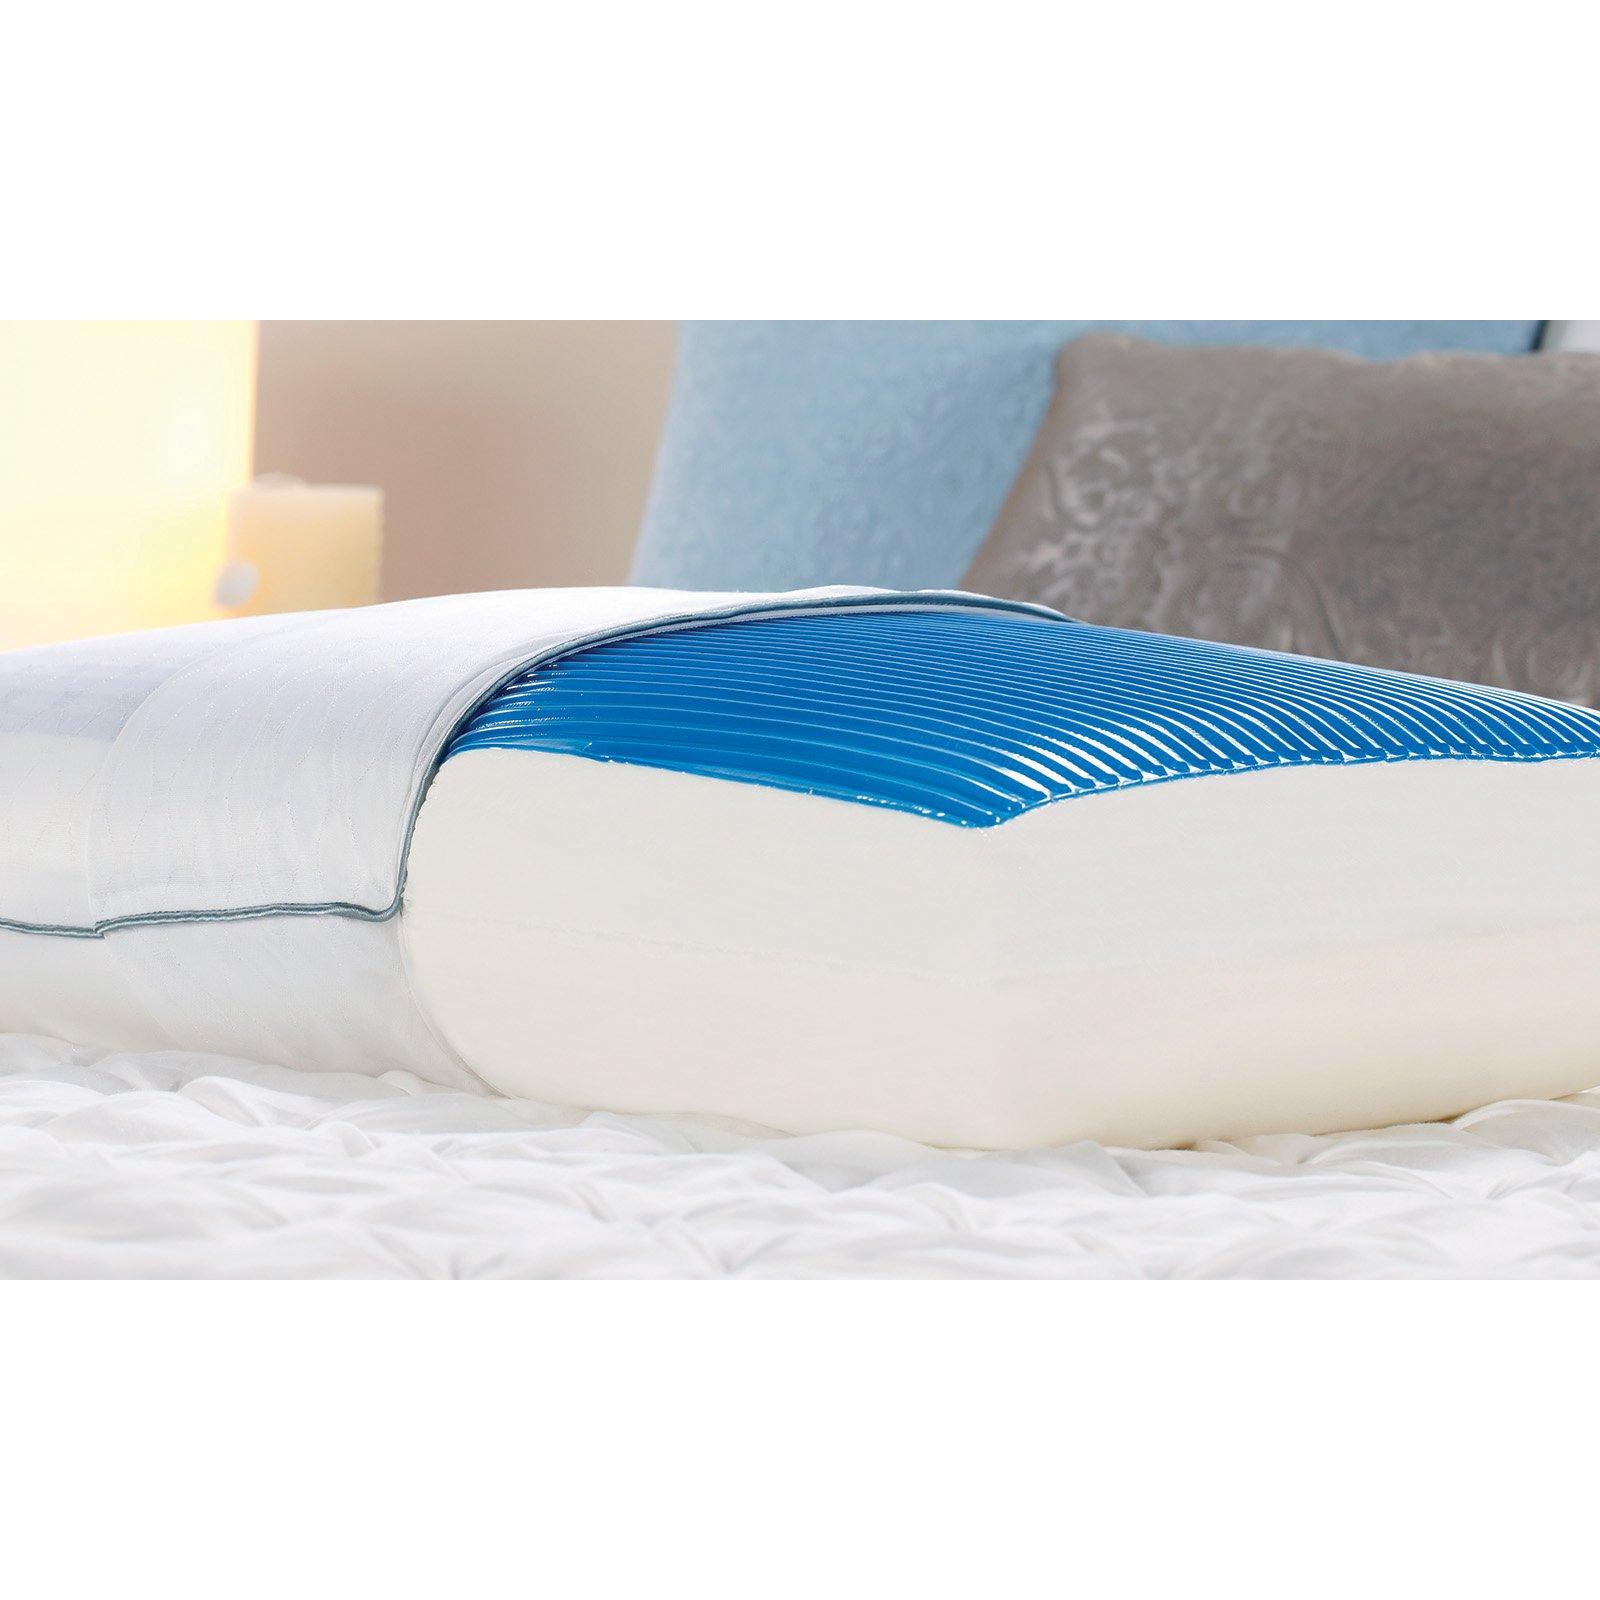 Sealy Memory Foam & Hydraluxe Gel Bed Pillow in 2019